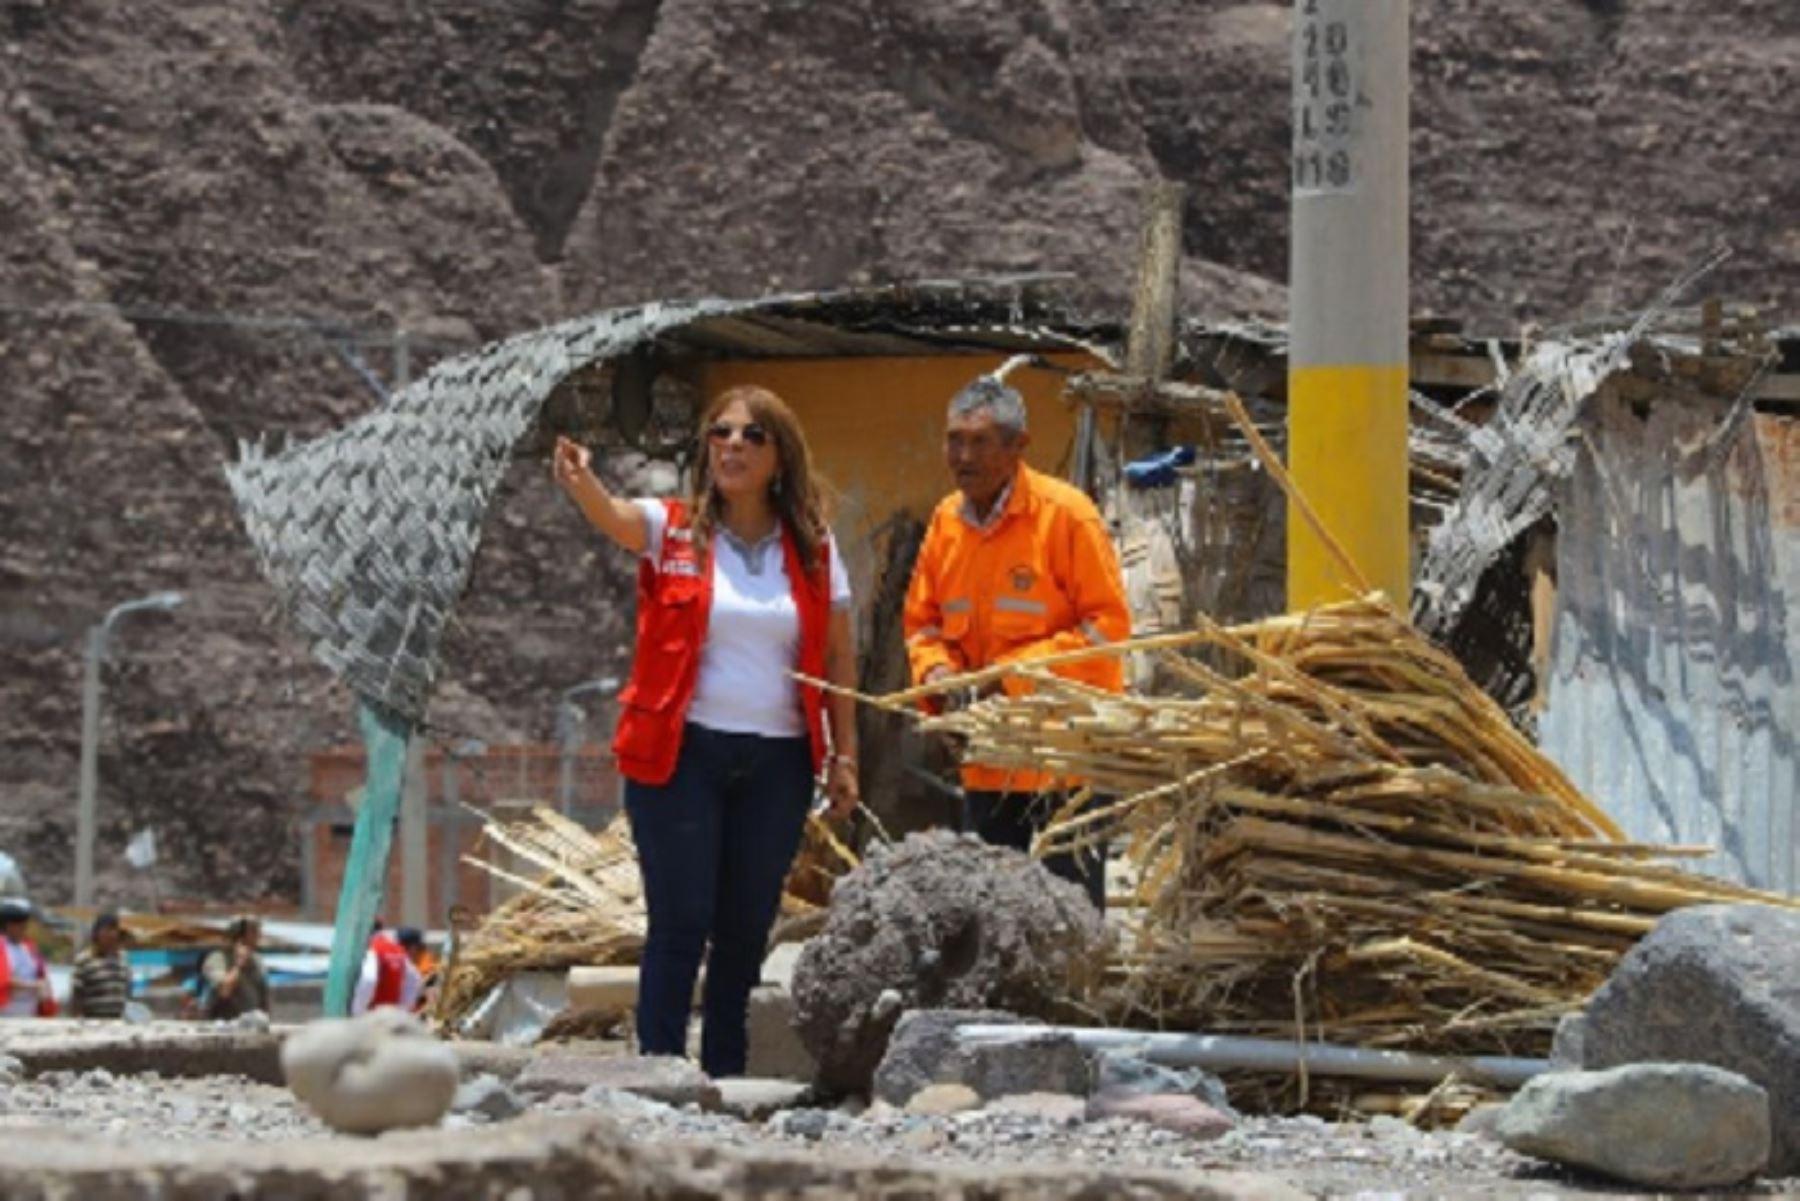 Los programas sociales del Ministerio de Desarrollo e Inclusión Social (Midis) están respondiendo a todas las necesidades de las personas que han quedado damnificadas por los huaicos en las regiones de Moquegua, Tacna y Arequipa, aseguró la ministra de Desarrollo e Inclusión Social, Liliana La Rosa.